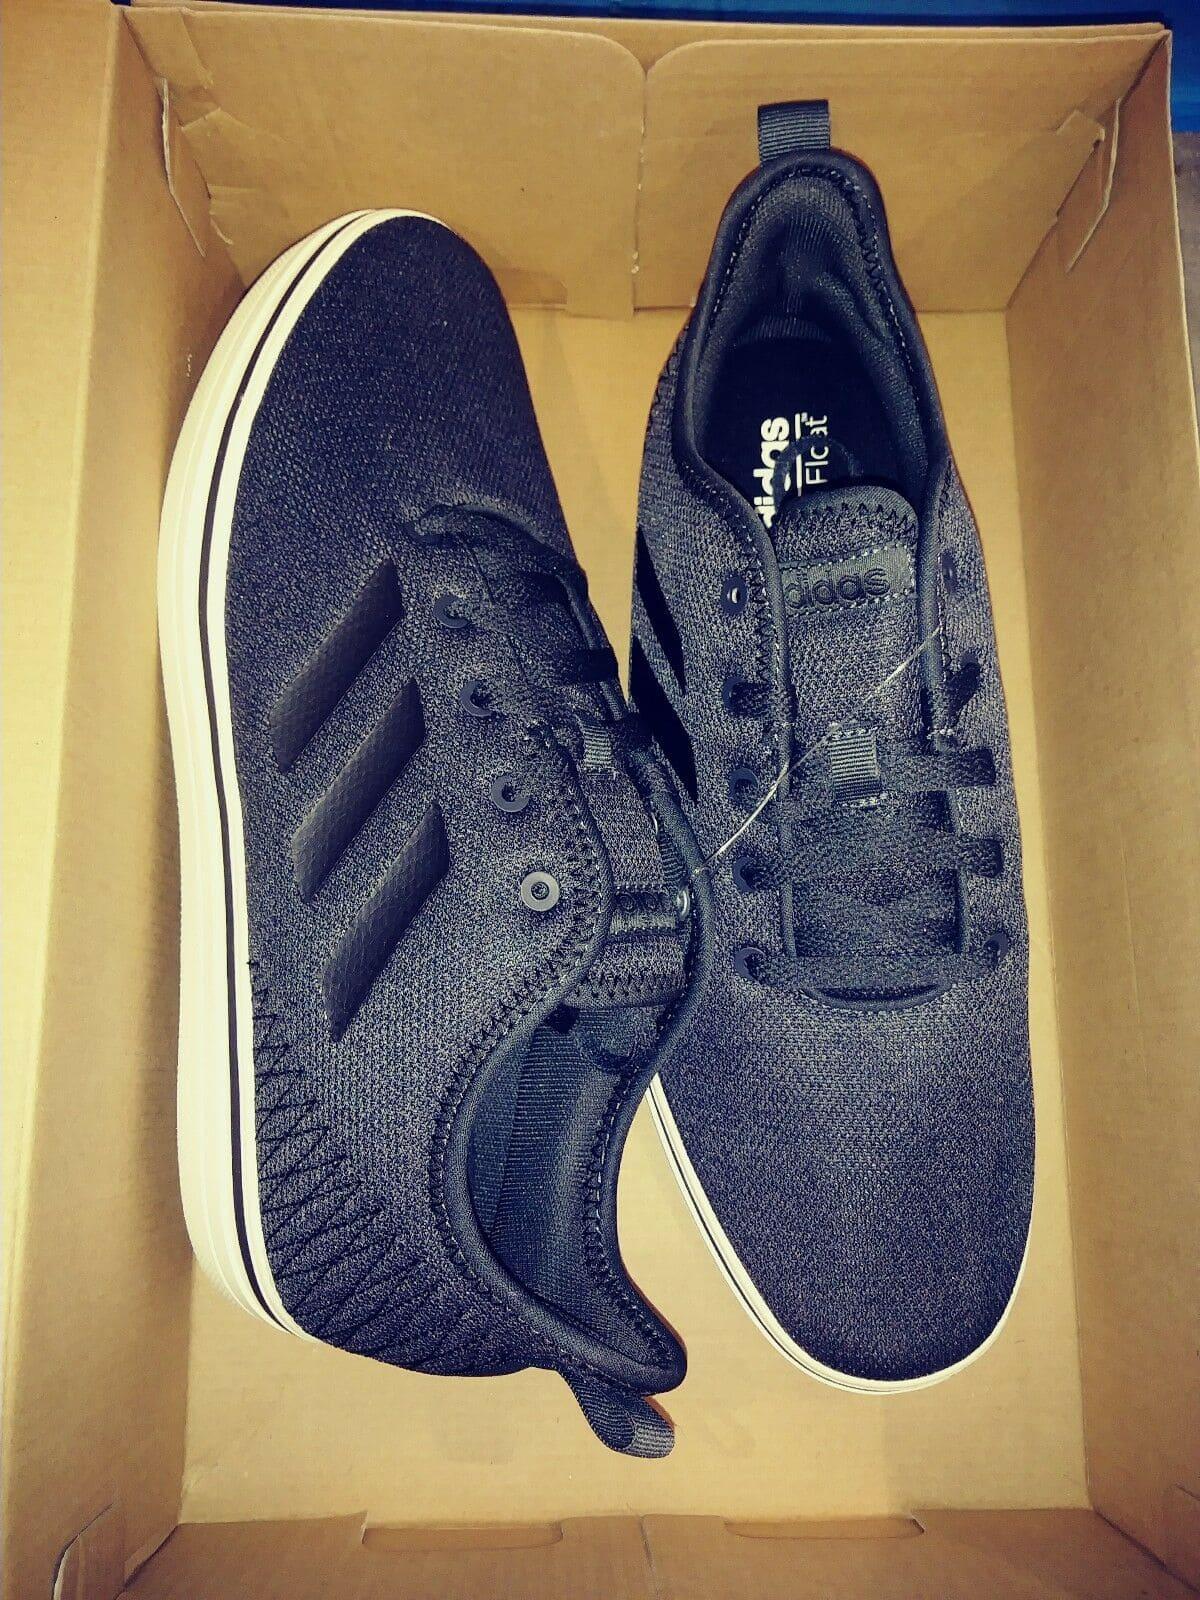 รุ่น หายาก ! รองเท้า Adidas Neo True Chill ผู้ชาย ของแท้ ราคาถูก